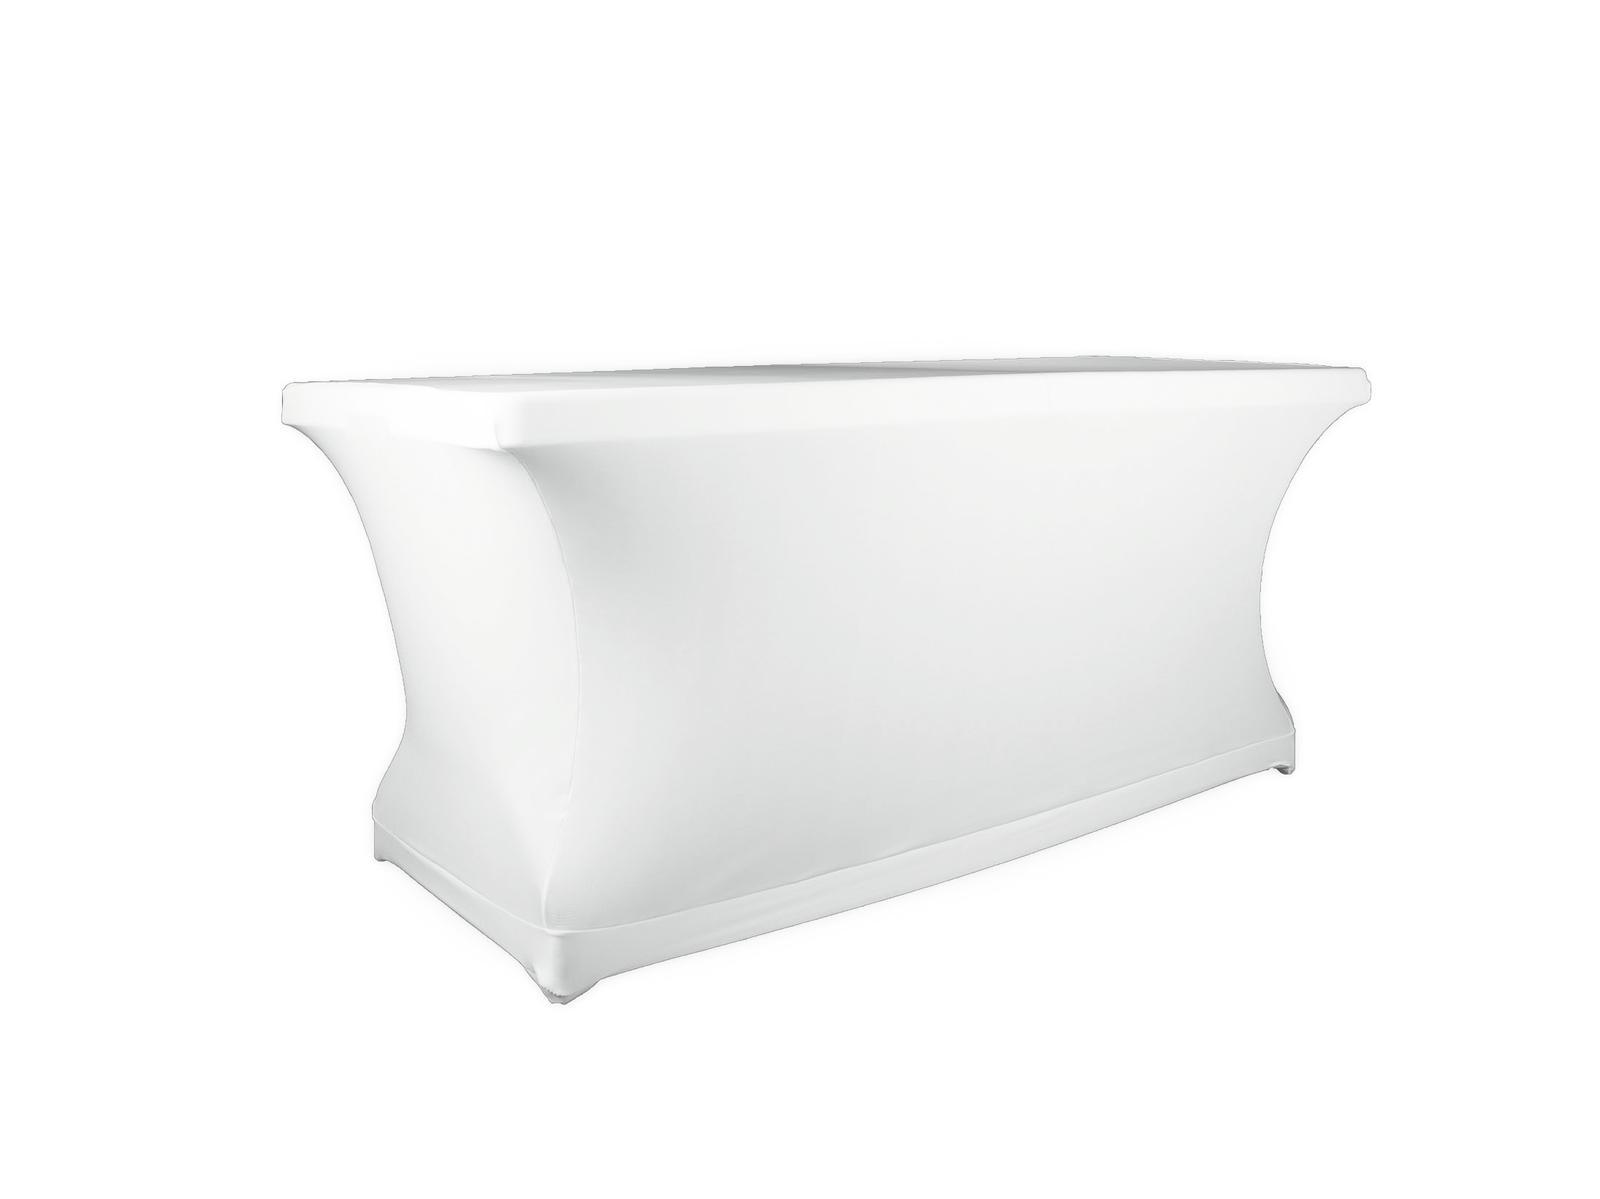 ESPANDERE XPTOW Deskcover un lato aperto bianco